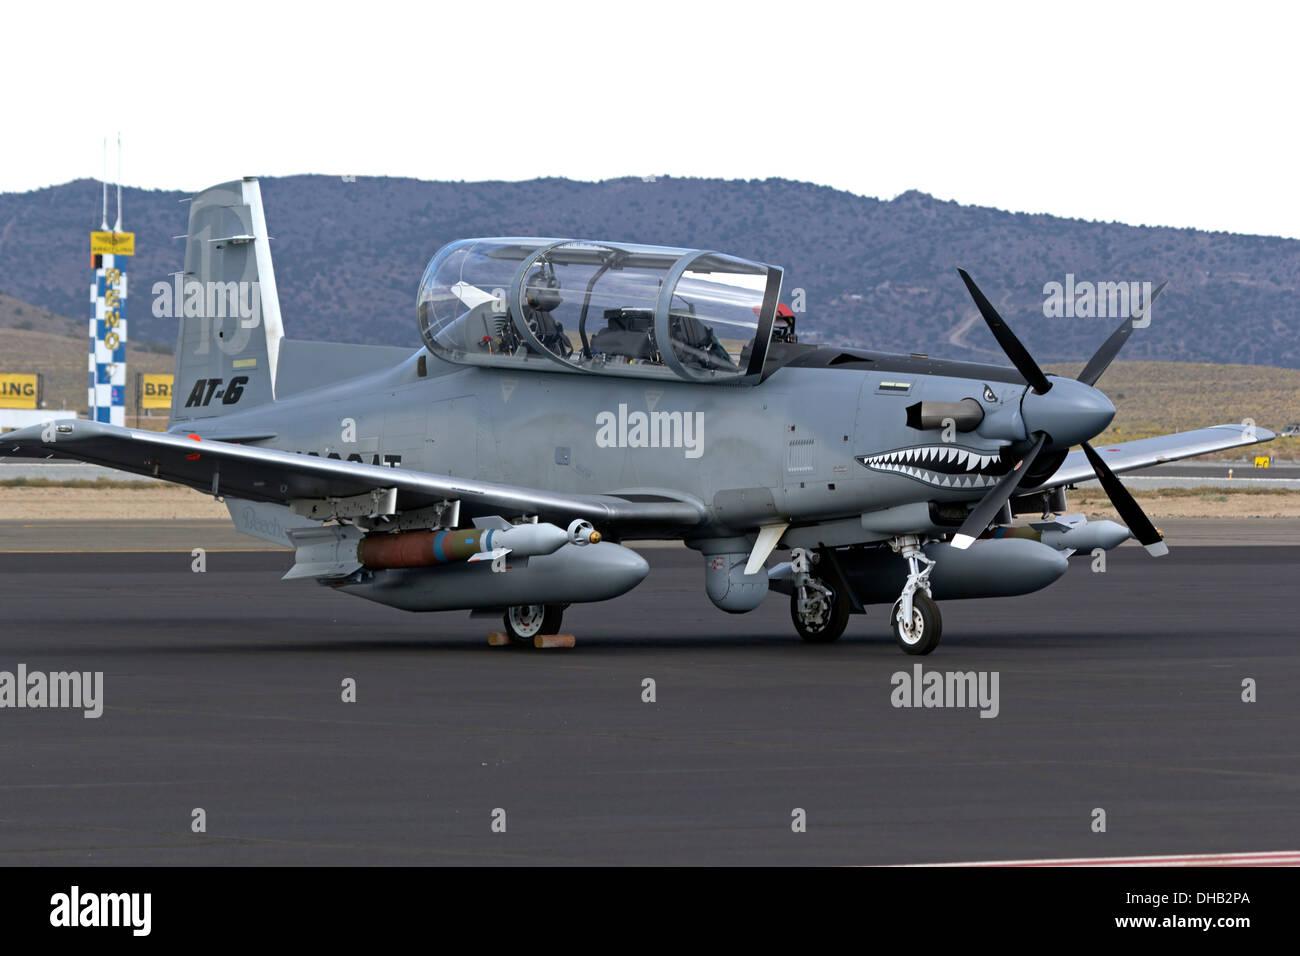 Hawker Beechraft AT-6 Texan II - Stock Image